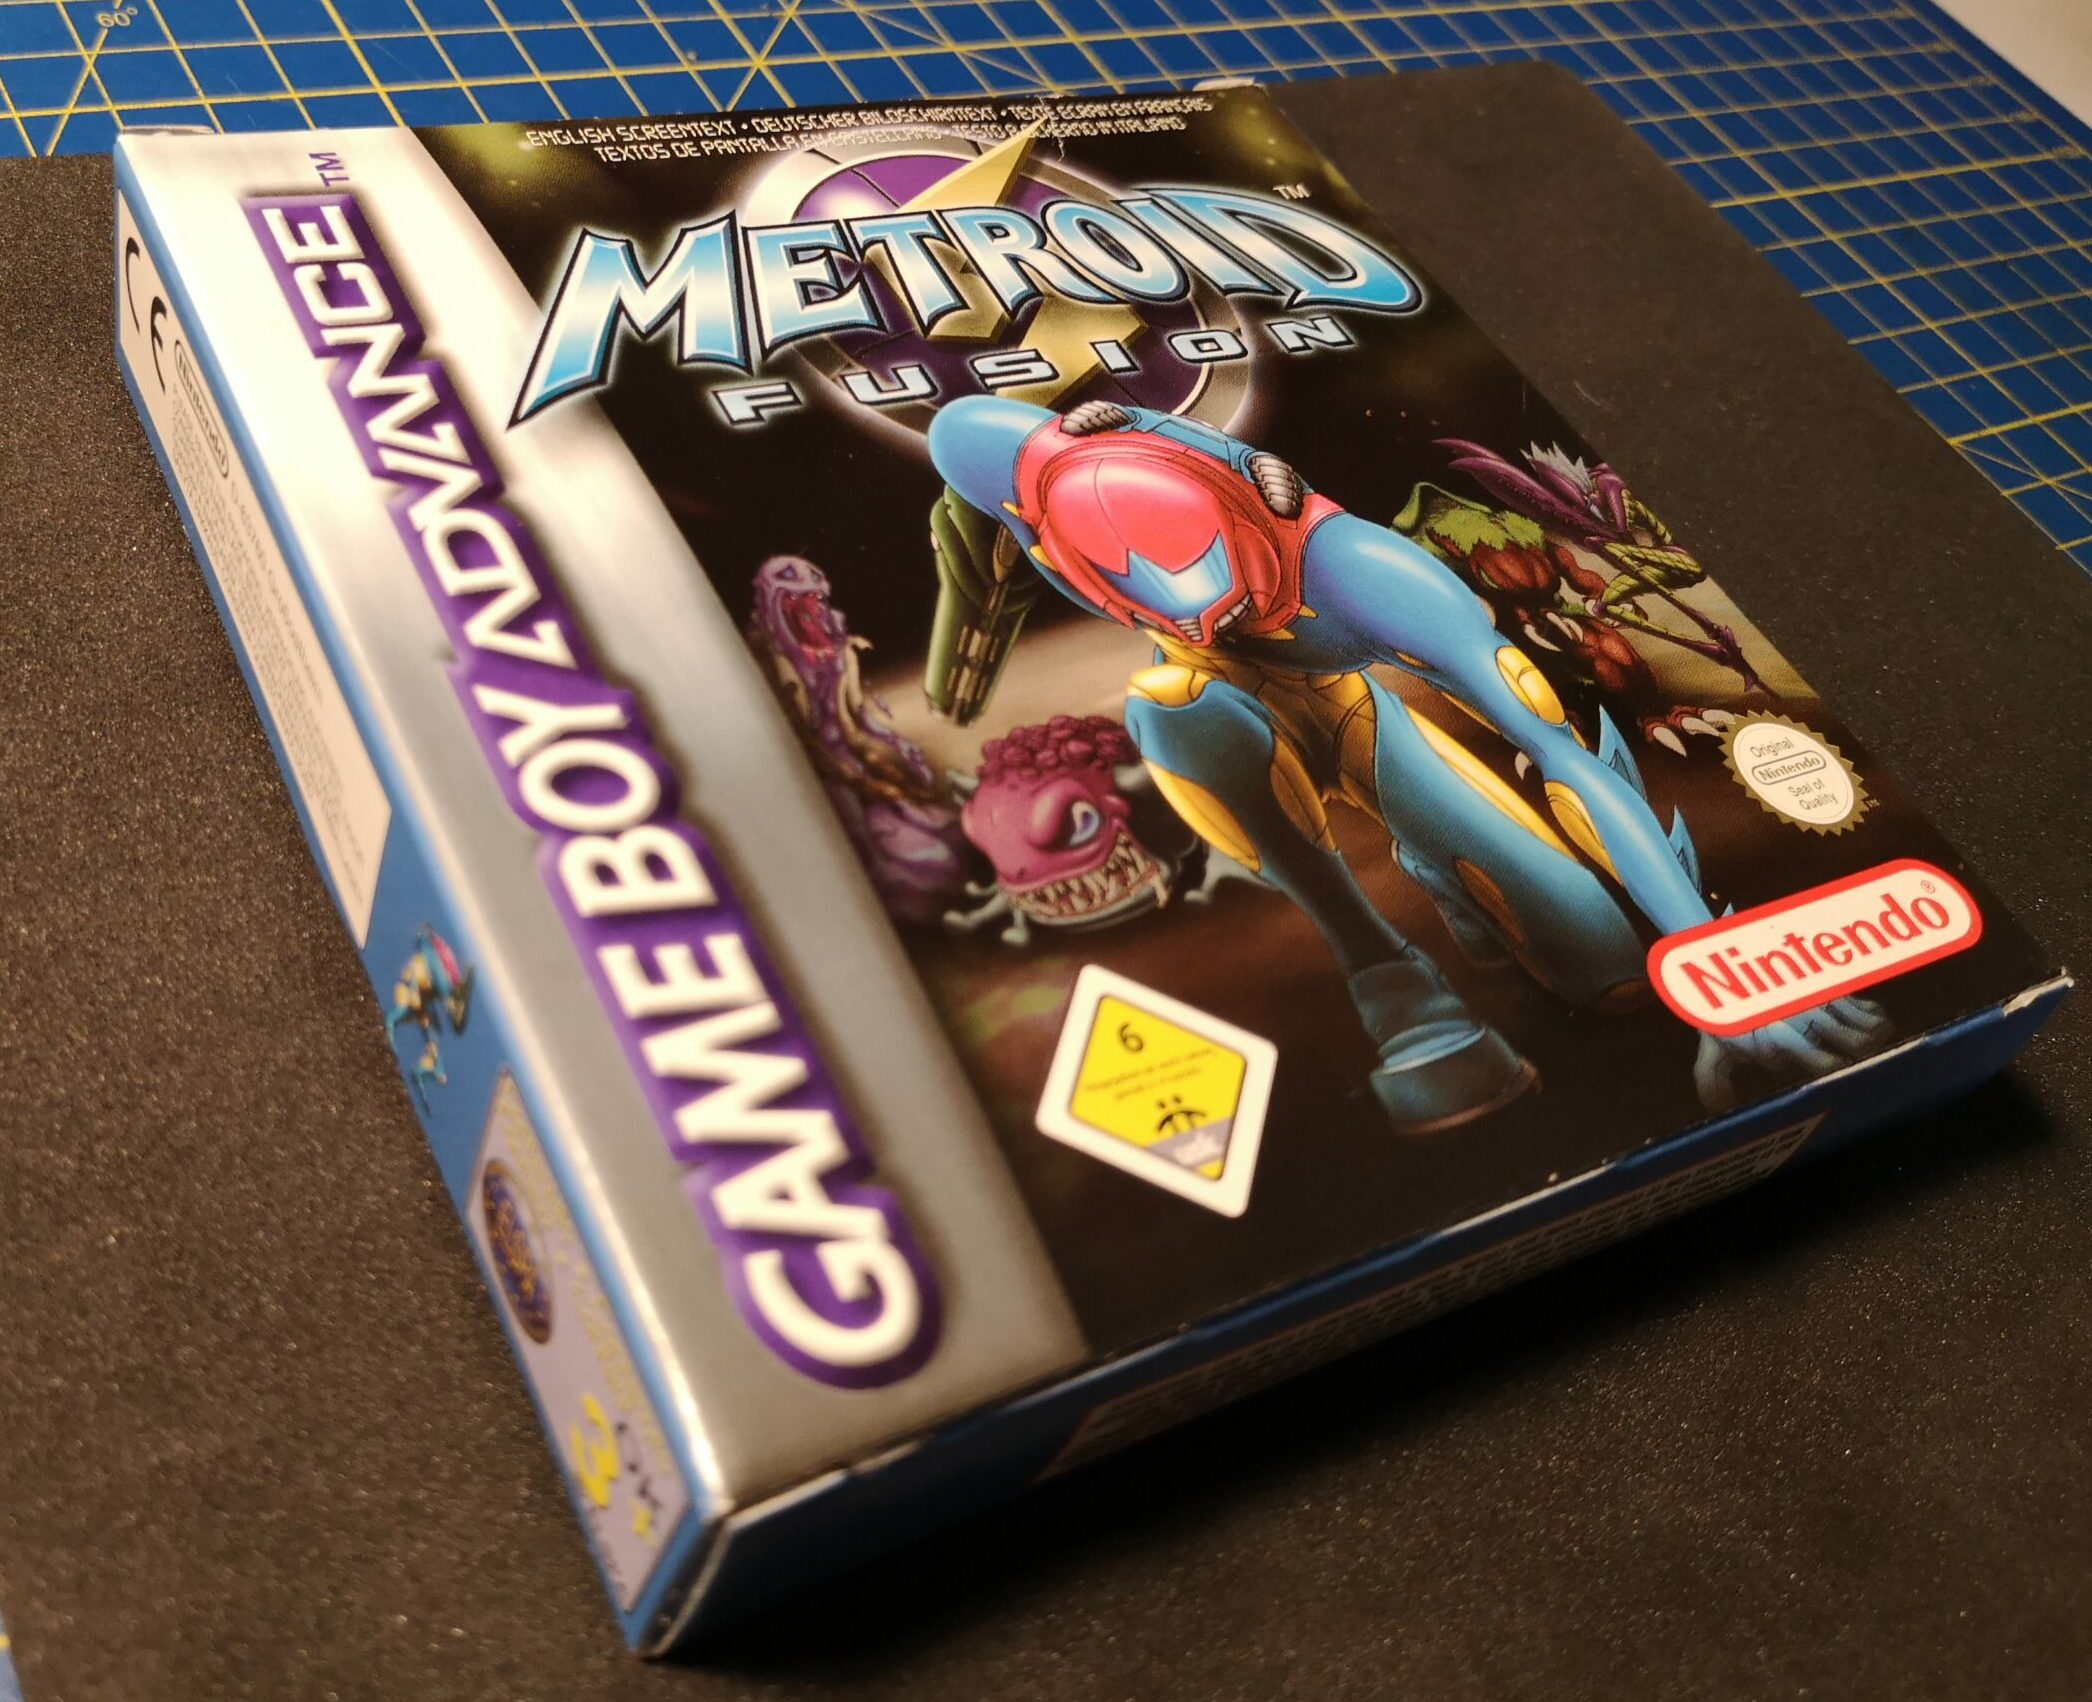 Metroid Fusion, vista fronte della confezione